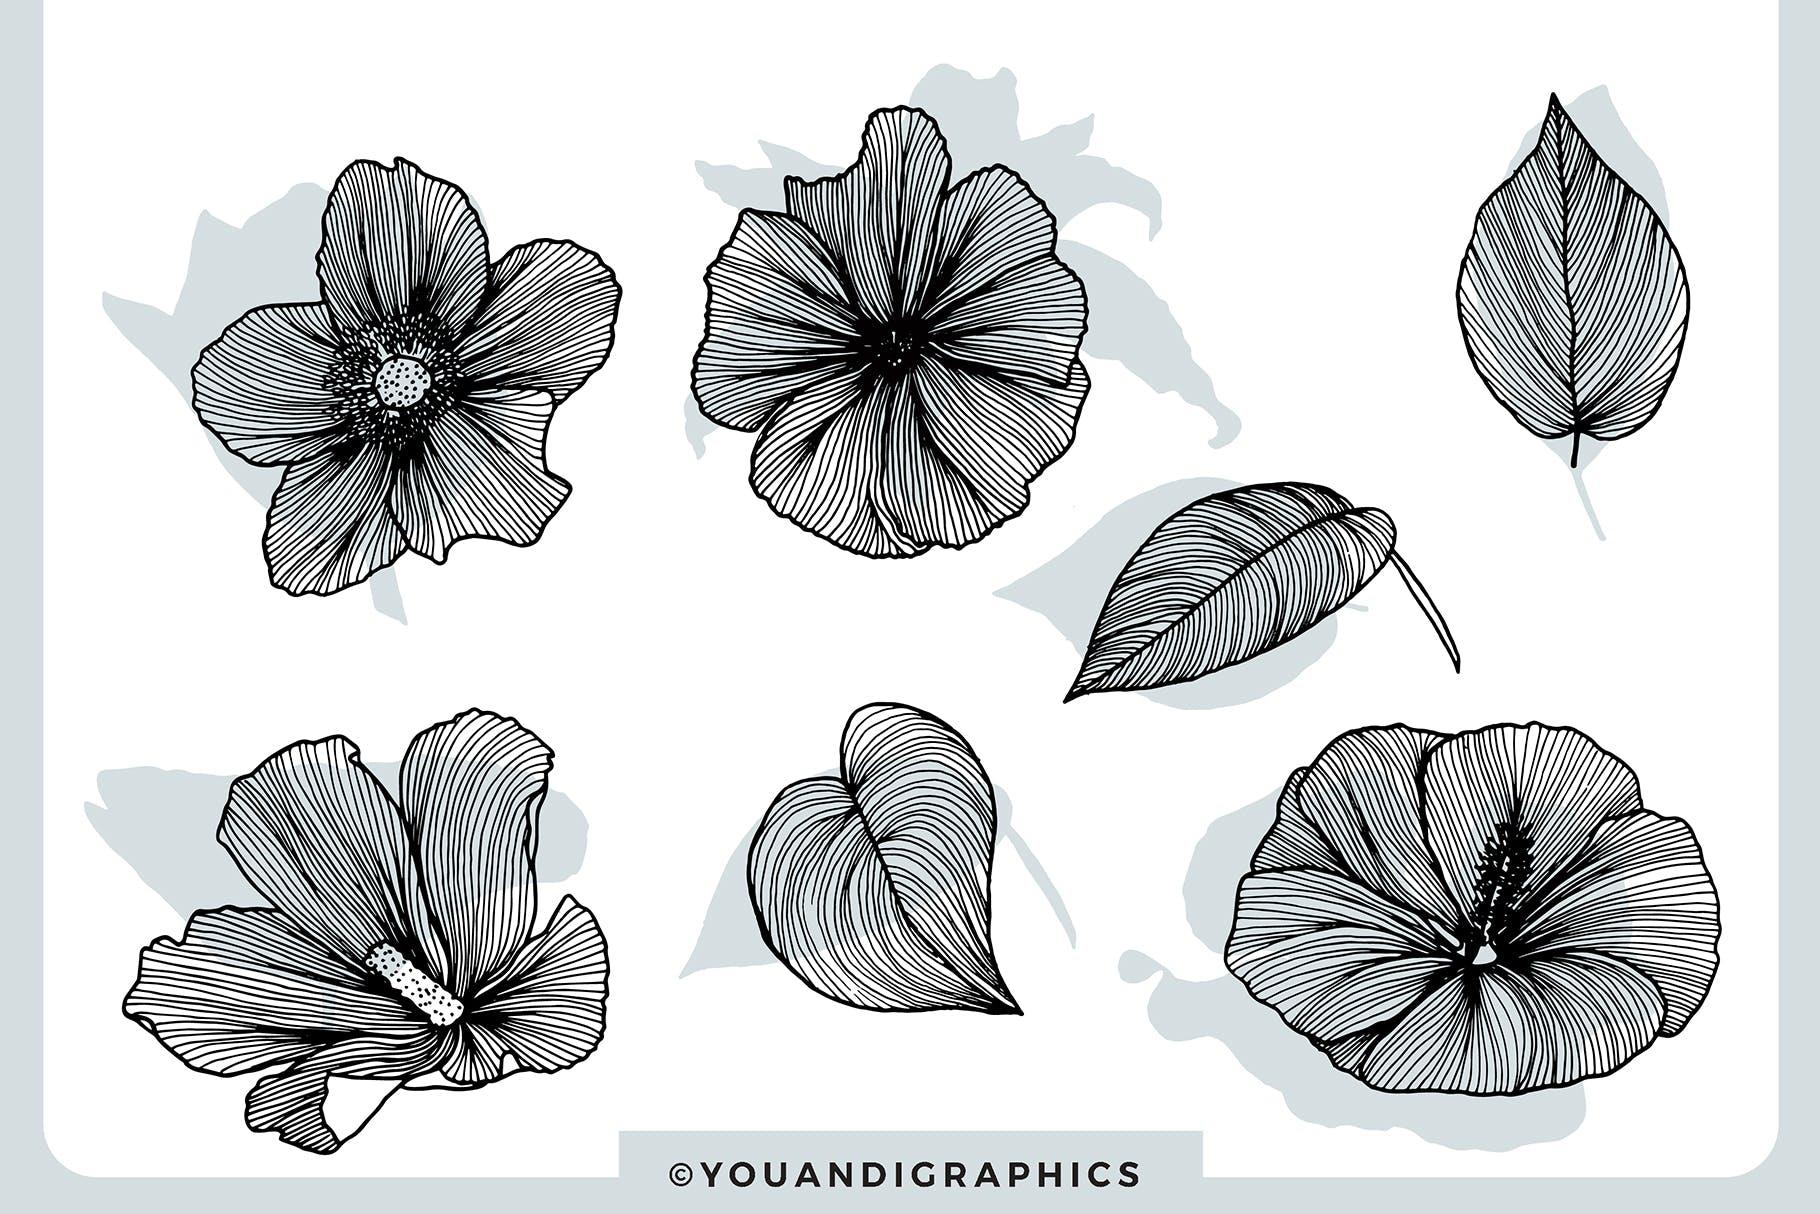 线条艺术花卉矢量图案元素Lineart Floral Patterns Elements插图(10)